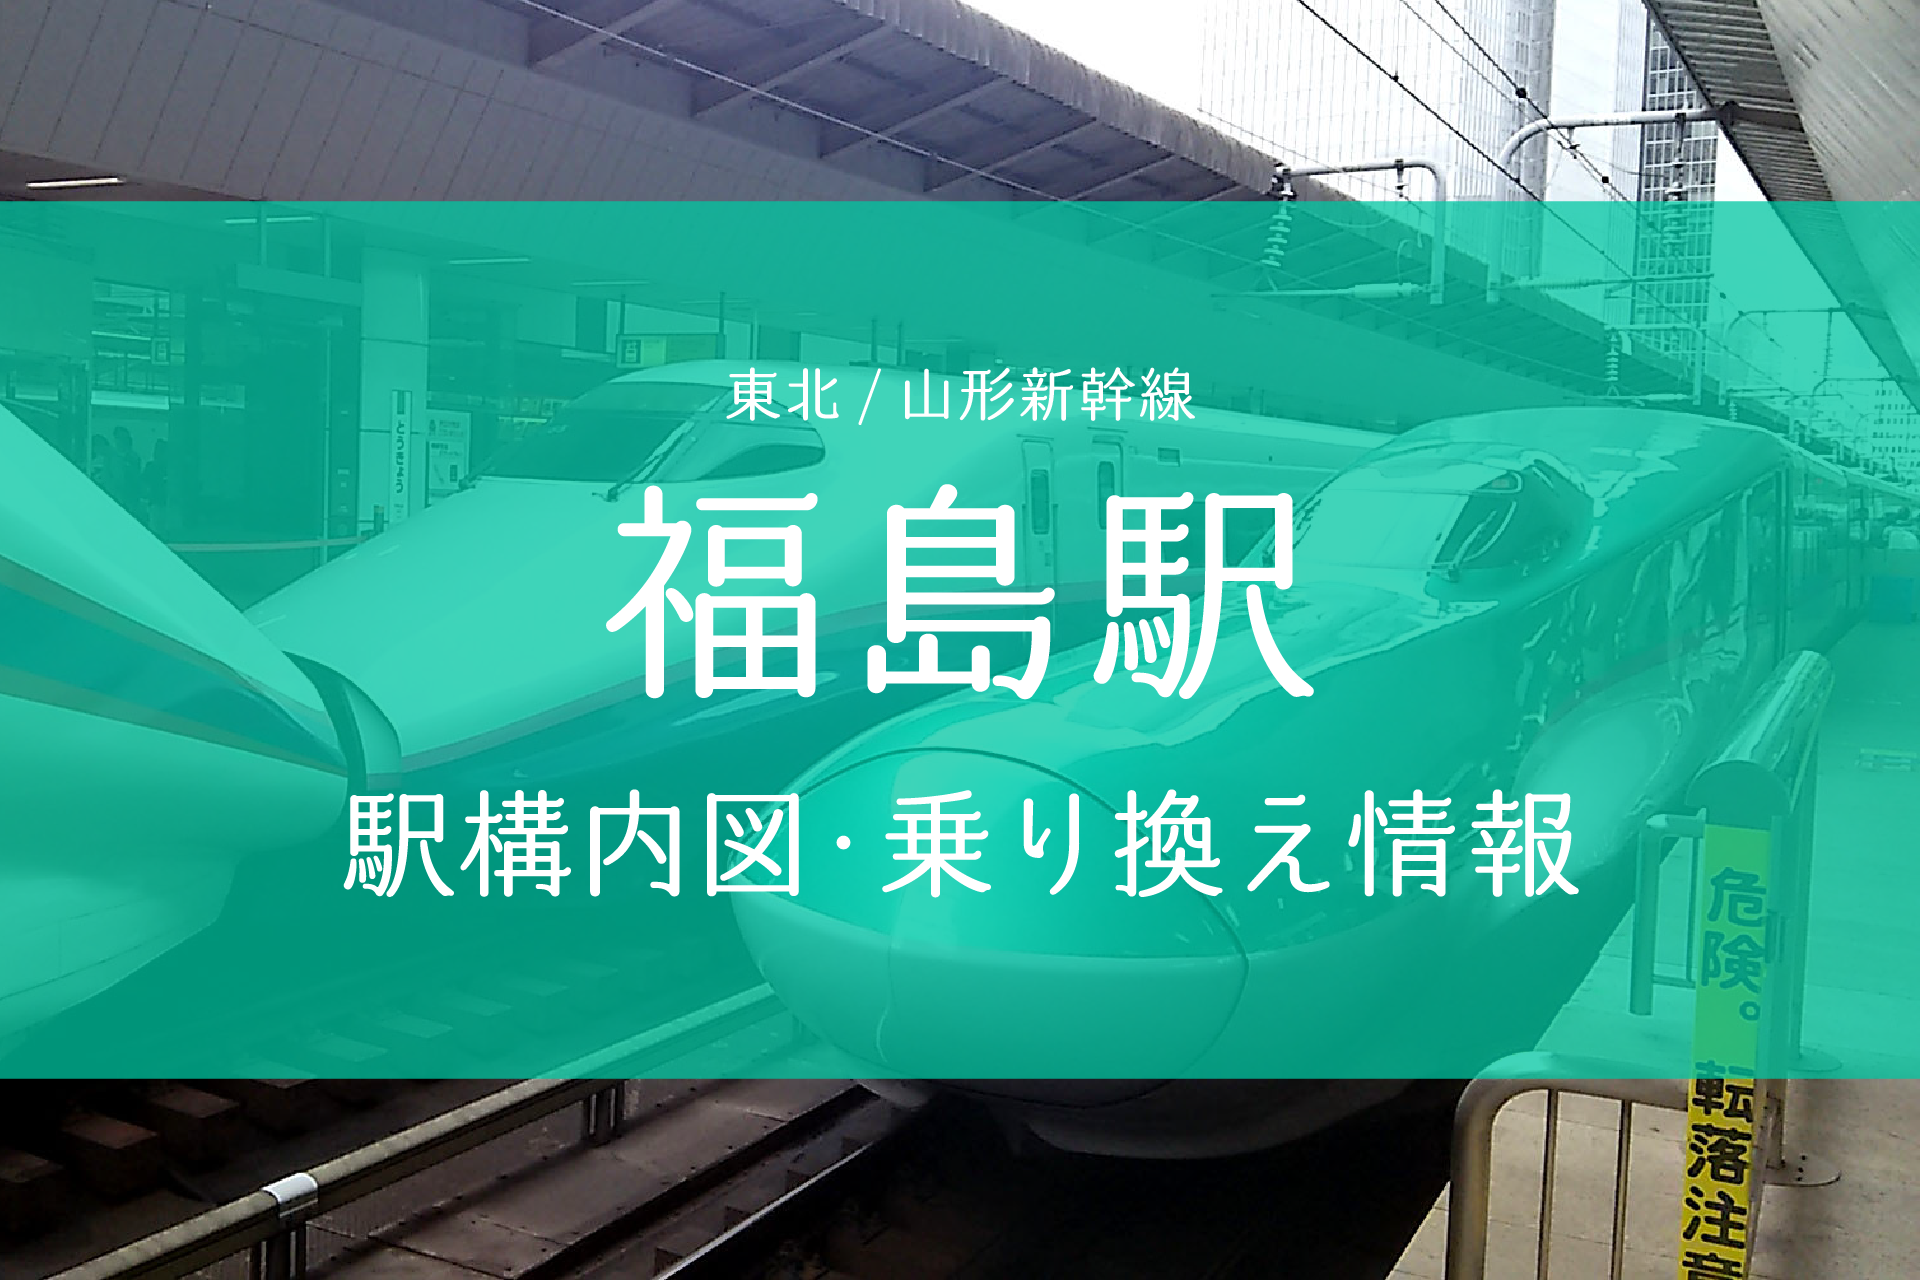 福島駅構内図・乗り換え情報